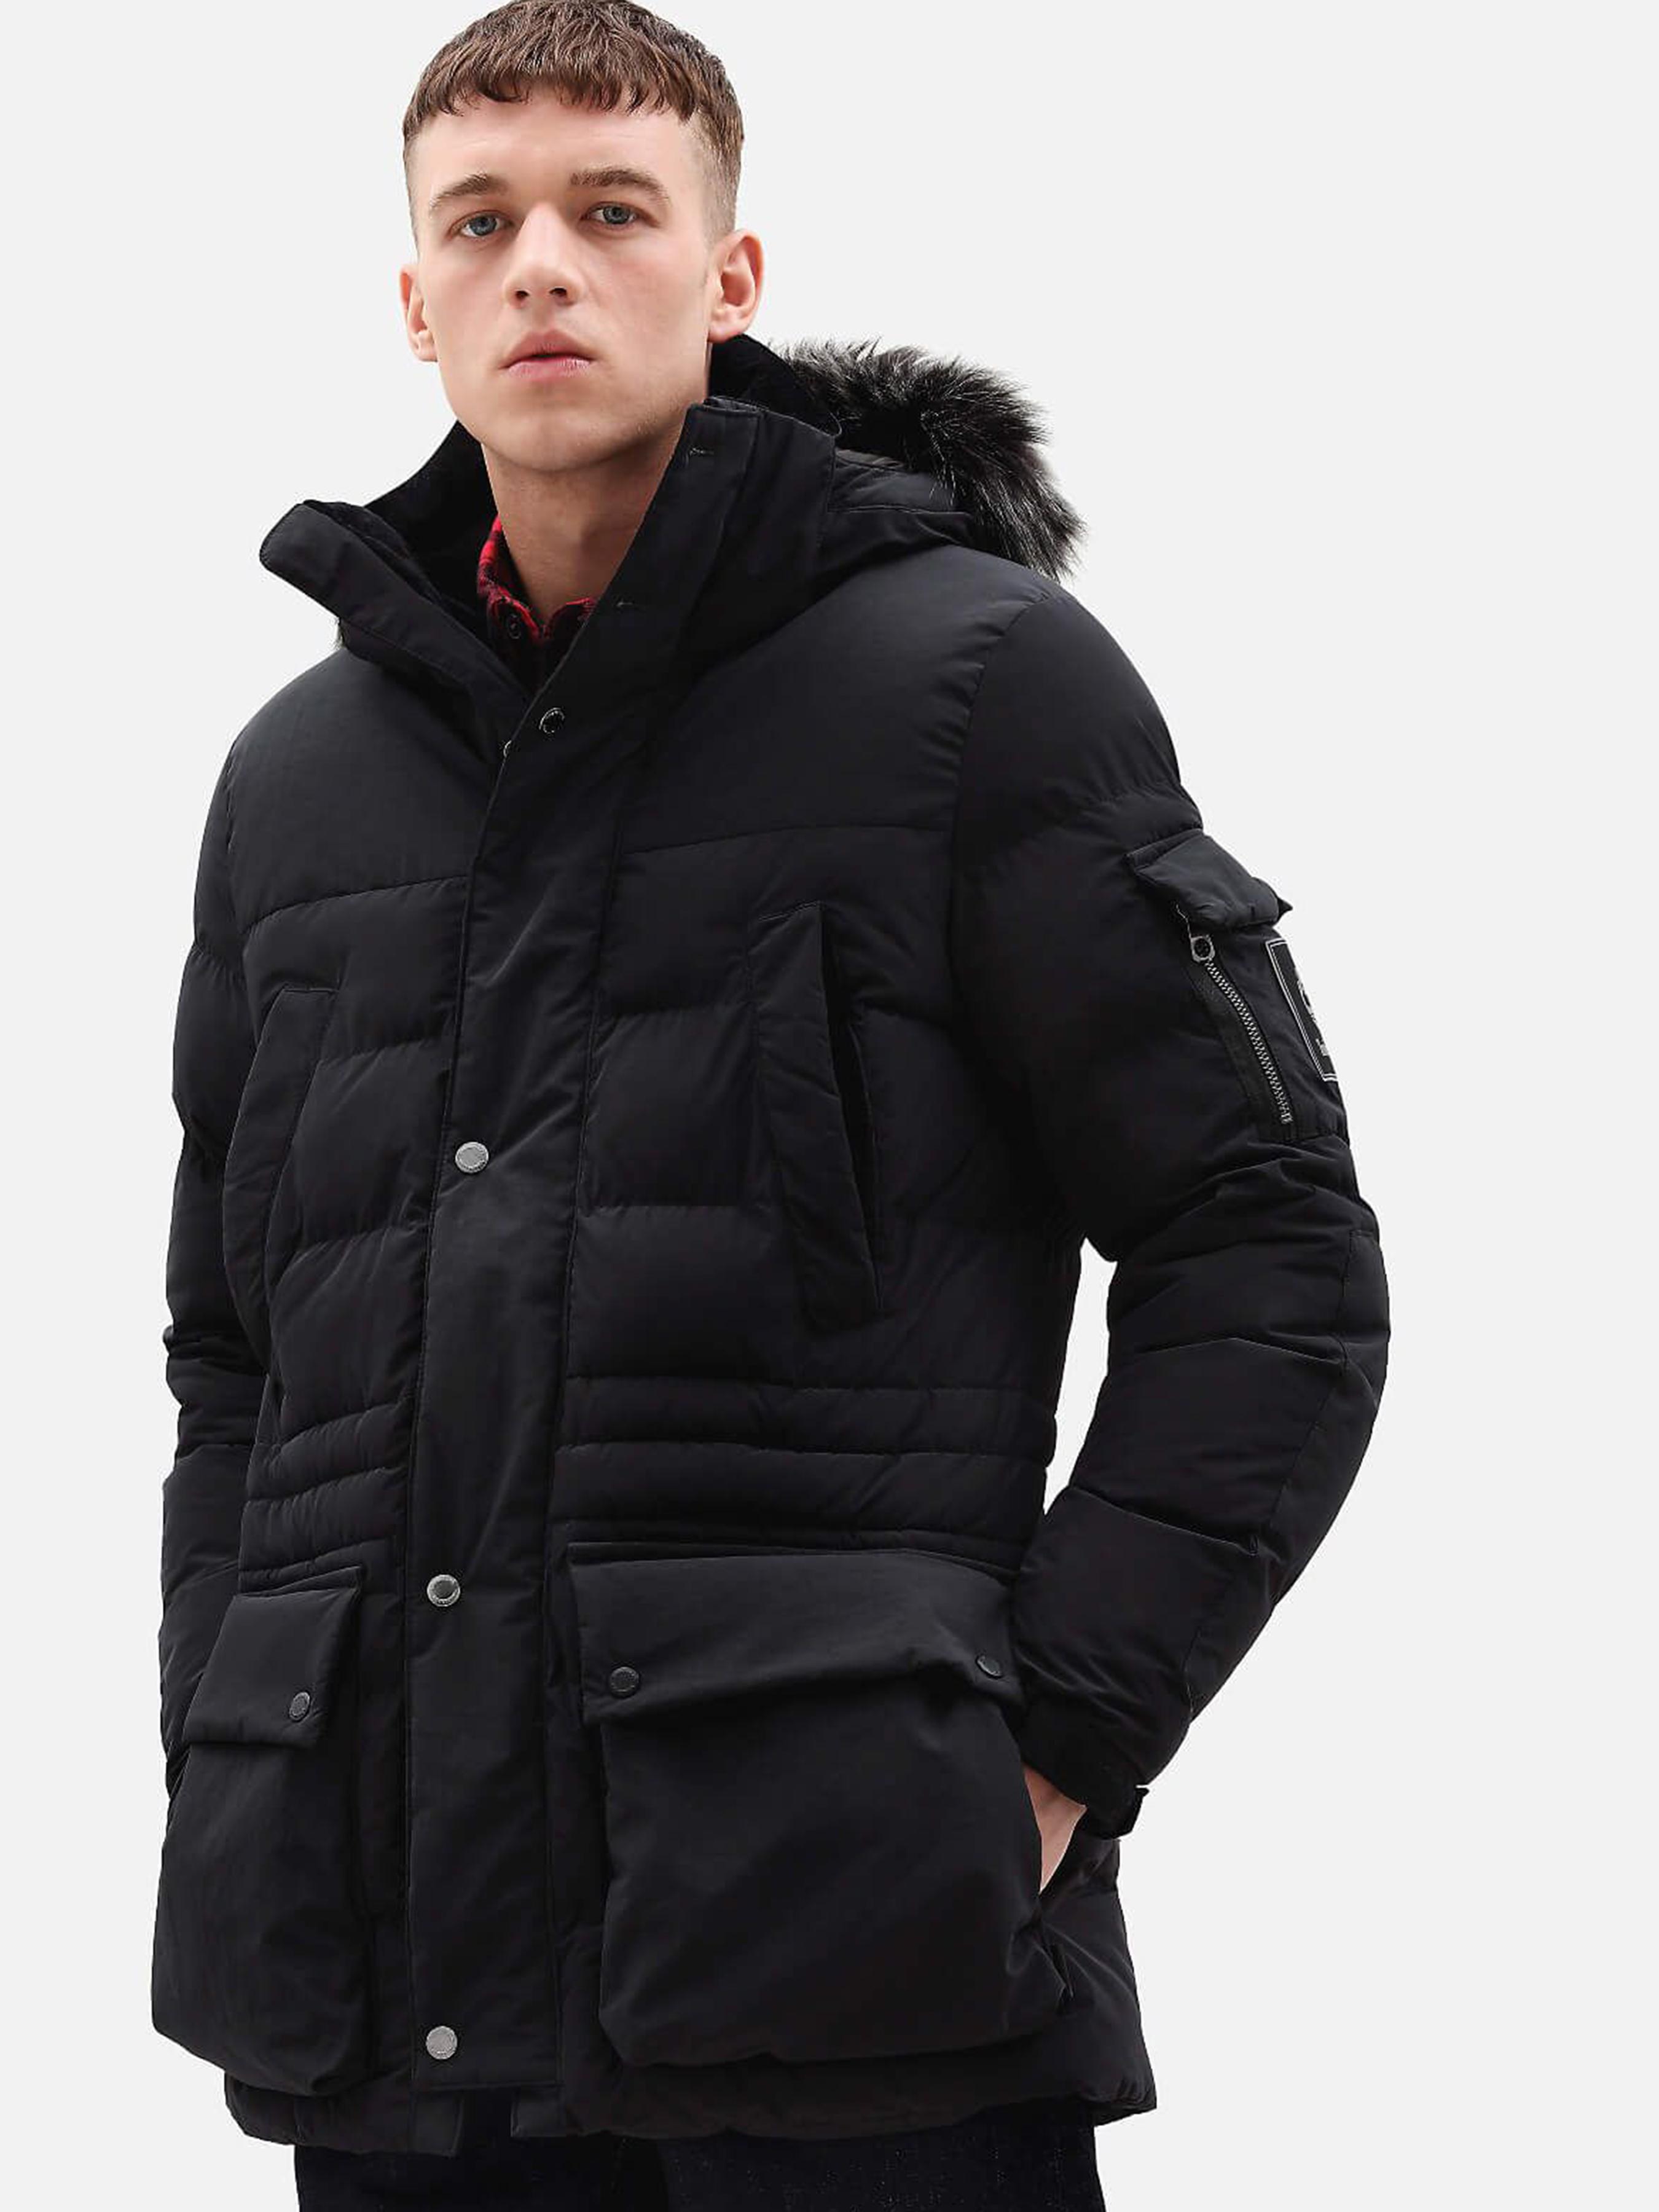 Купить Куртка мужские модель TH5679, Timberland, Черный